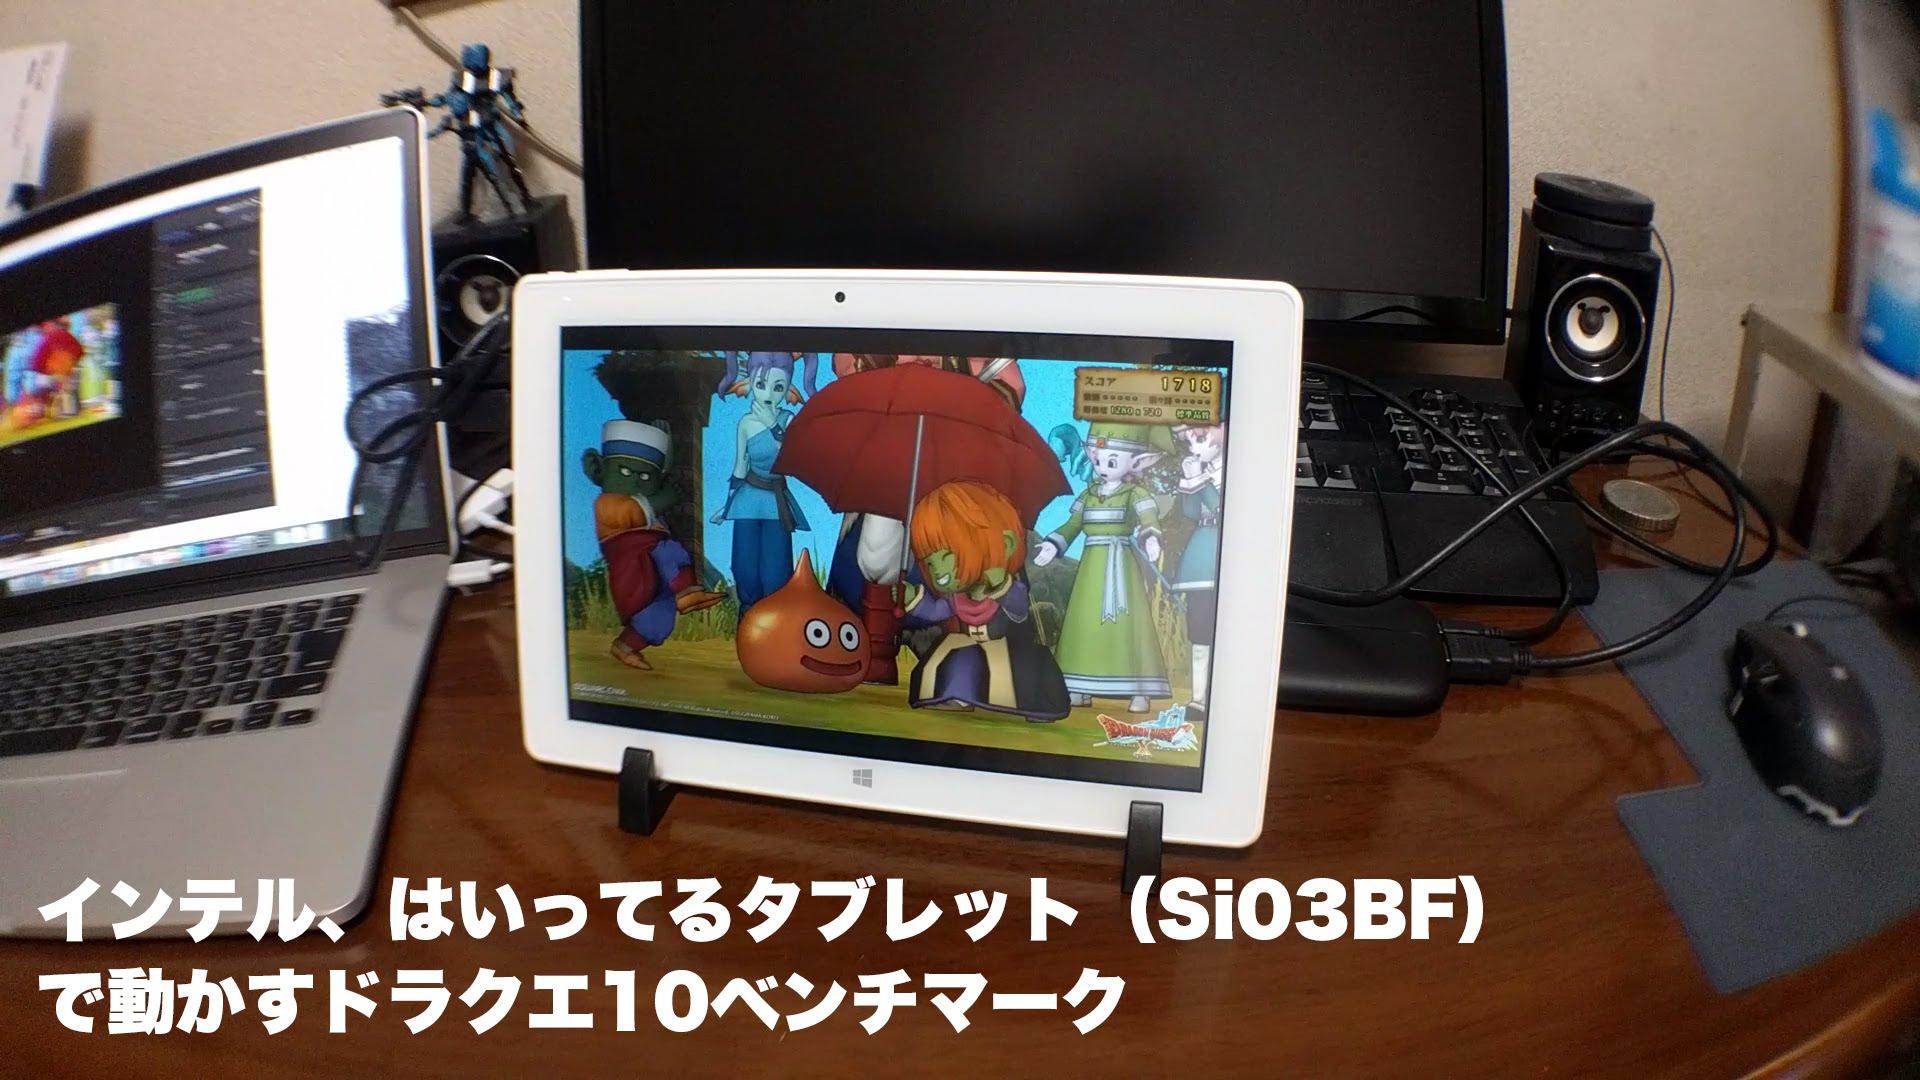 インテルはいってるタブレット3で動かすDQ10ベンチマーク